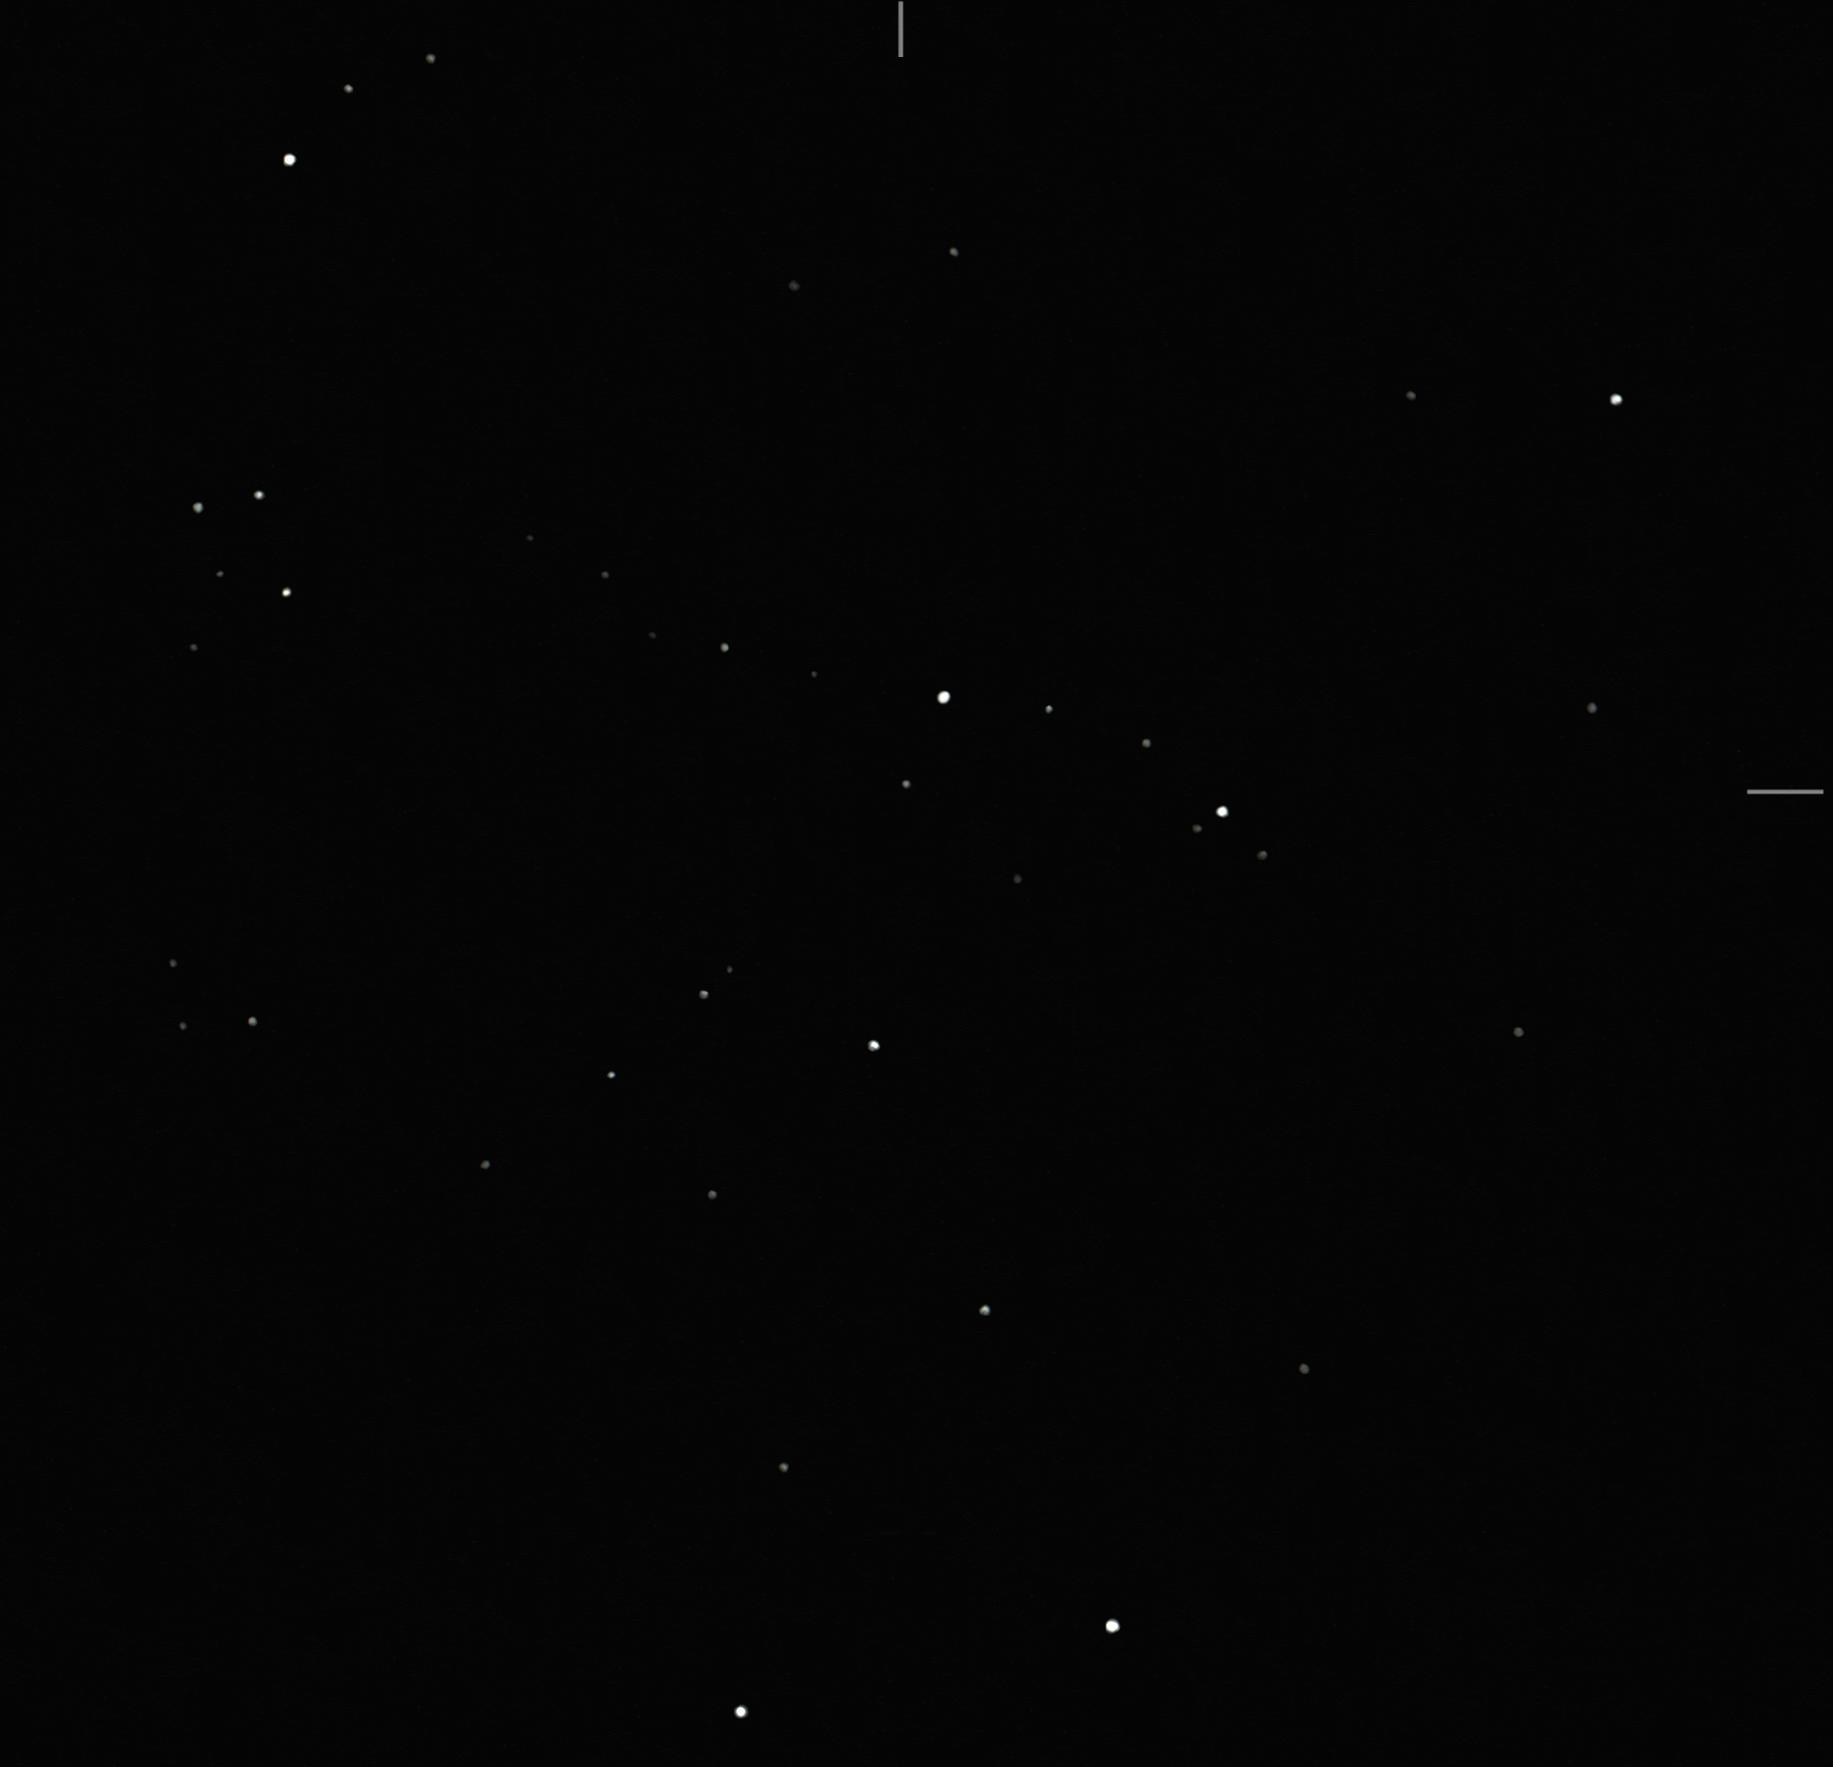 PK68-14.1 planetary nebula